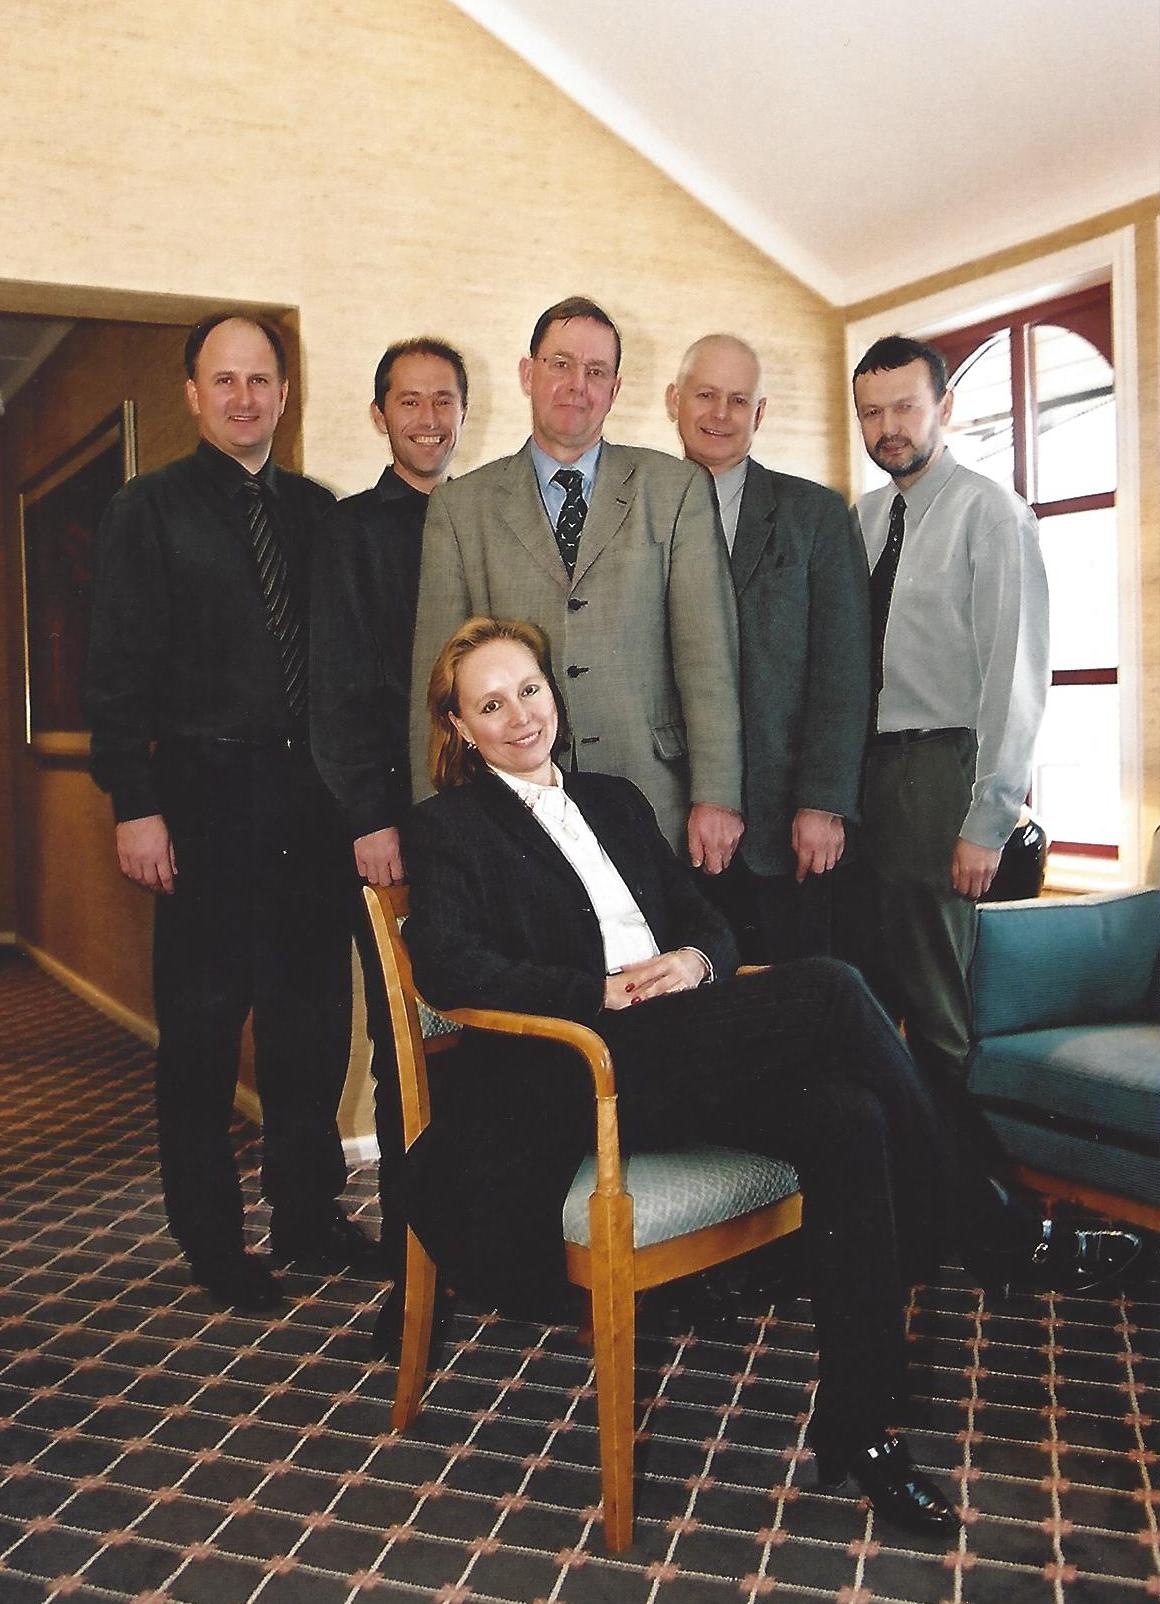 SBN CLT 1997 Morten Moa, Rune Johansen, Andries van Bruggen, Arvid Kirkemo, Bernt Bakken Eva-Maria Fahrer